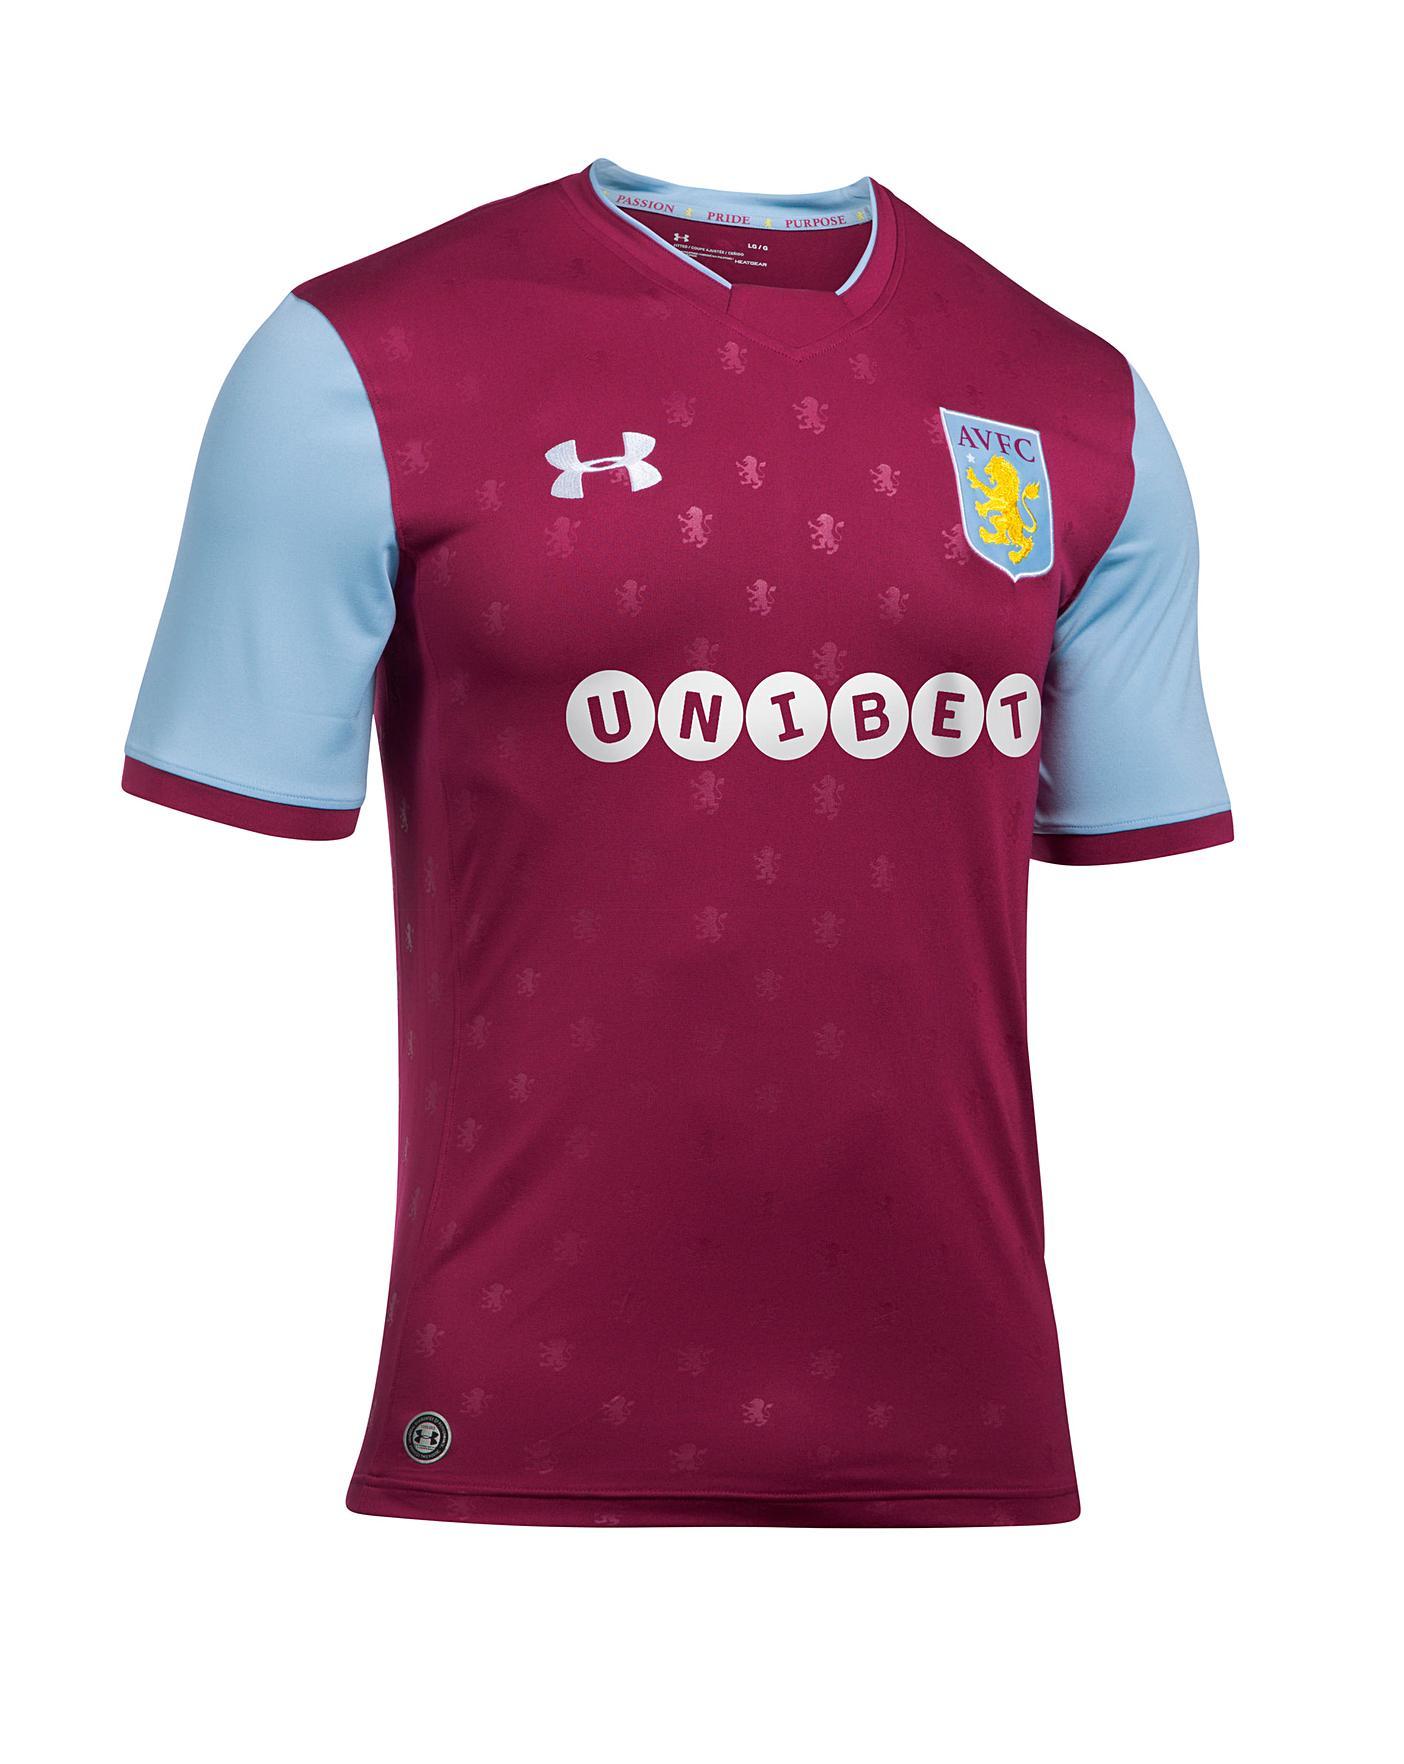 Primer ministro Pesimista texto  Under Armour Aston Villa Home Shirt | Marisota